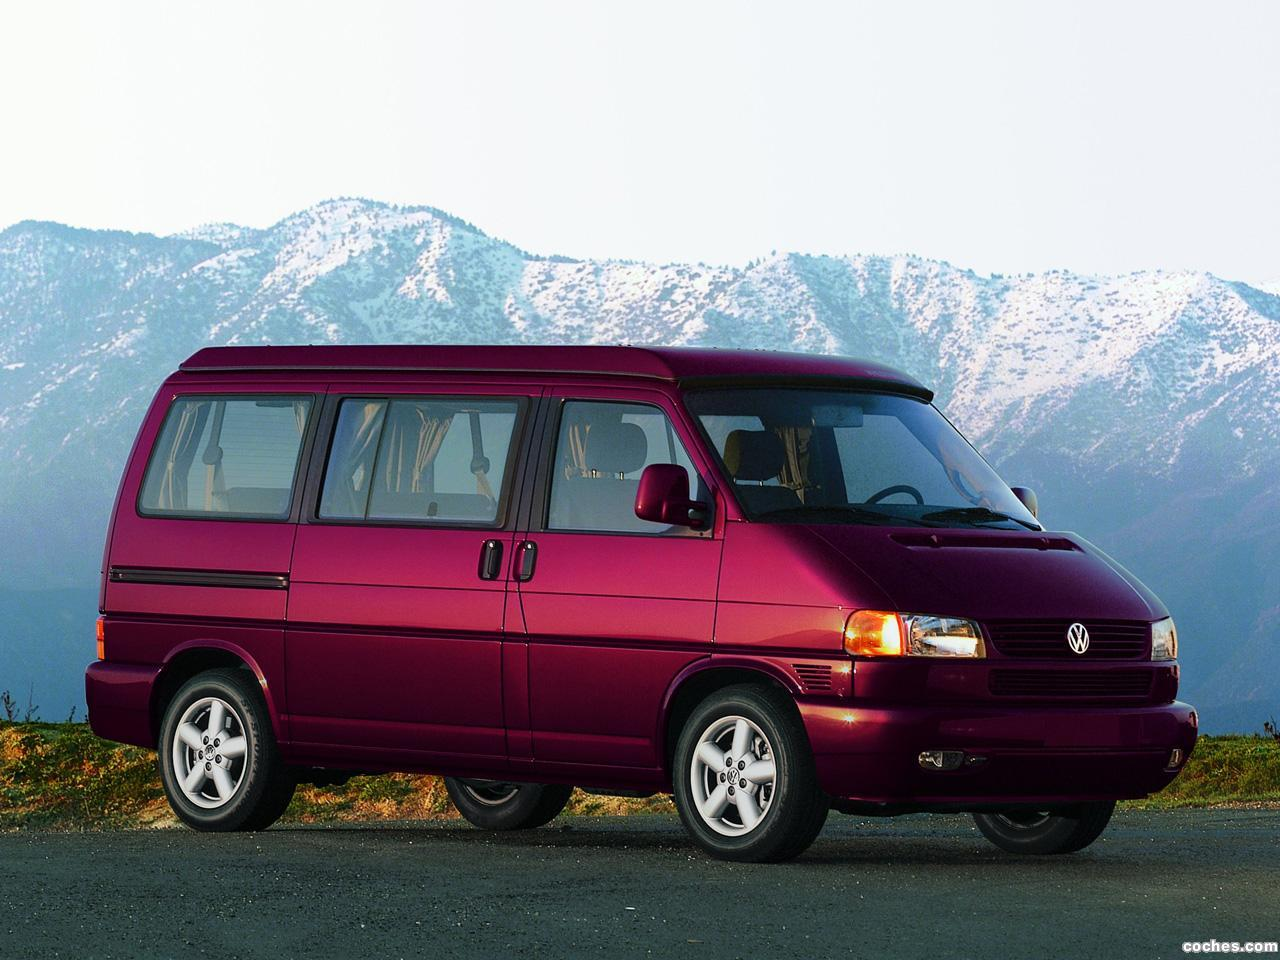 Foto 1 de Volkswagen Transporter westfalia T4 Eurovan Camper 1997